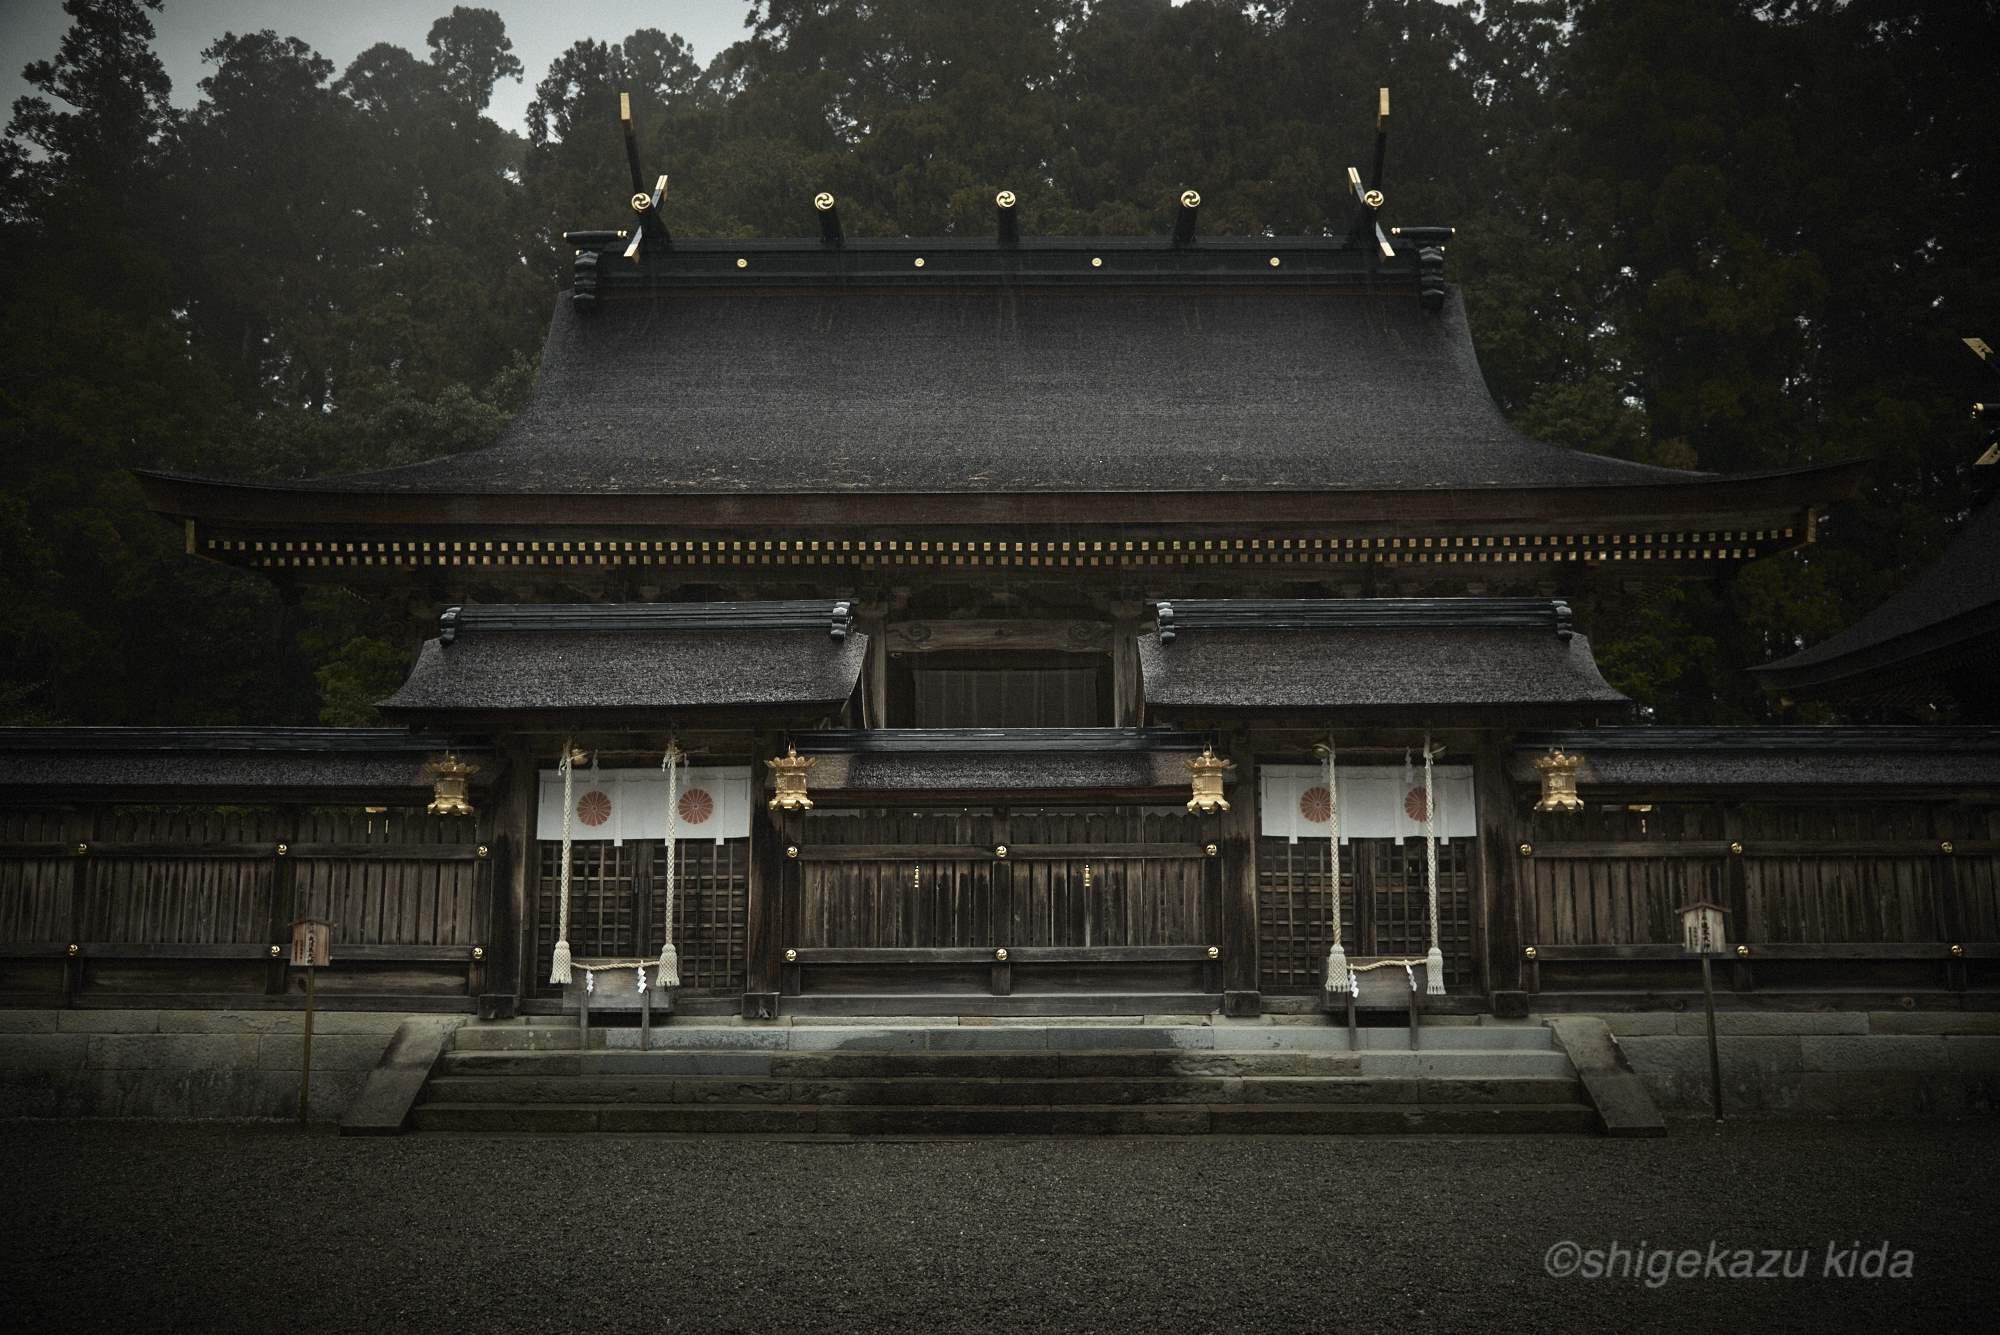 貴田茂和 shigekazu kida 熊野古道の熊野本宮